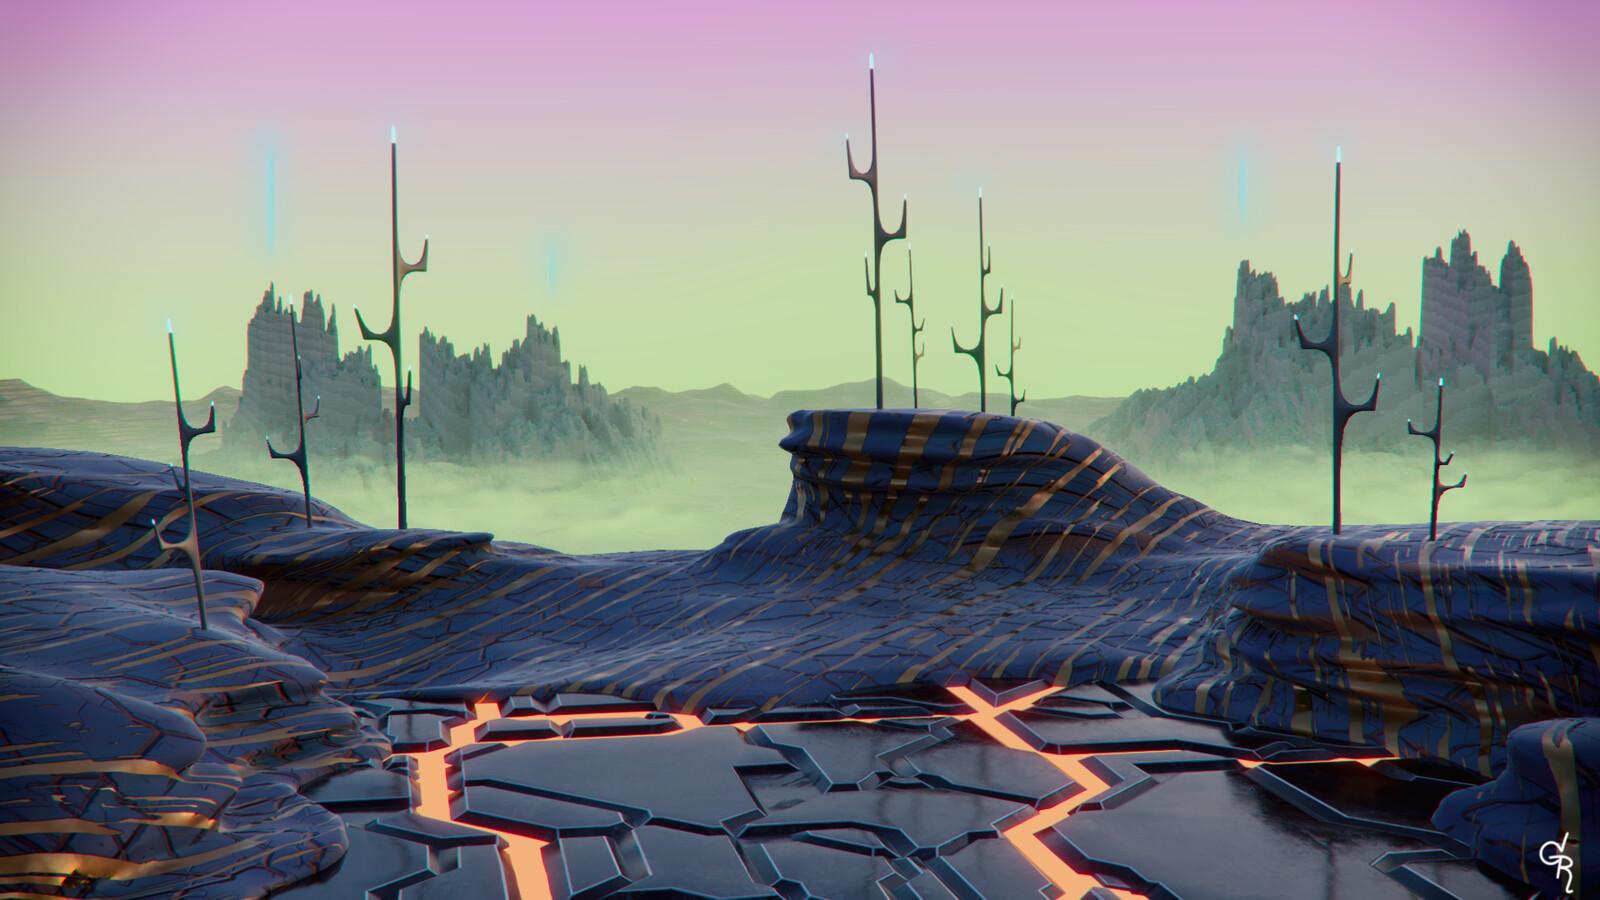 Alien tech planet